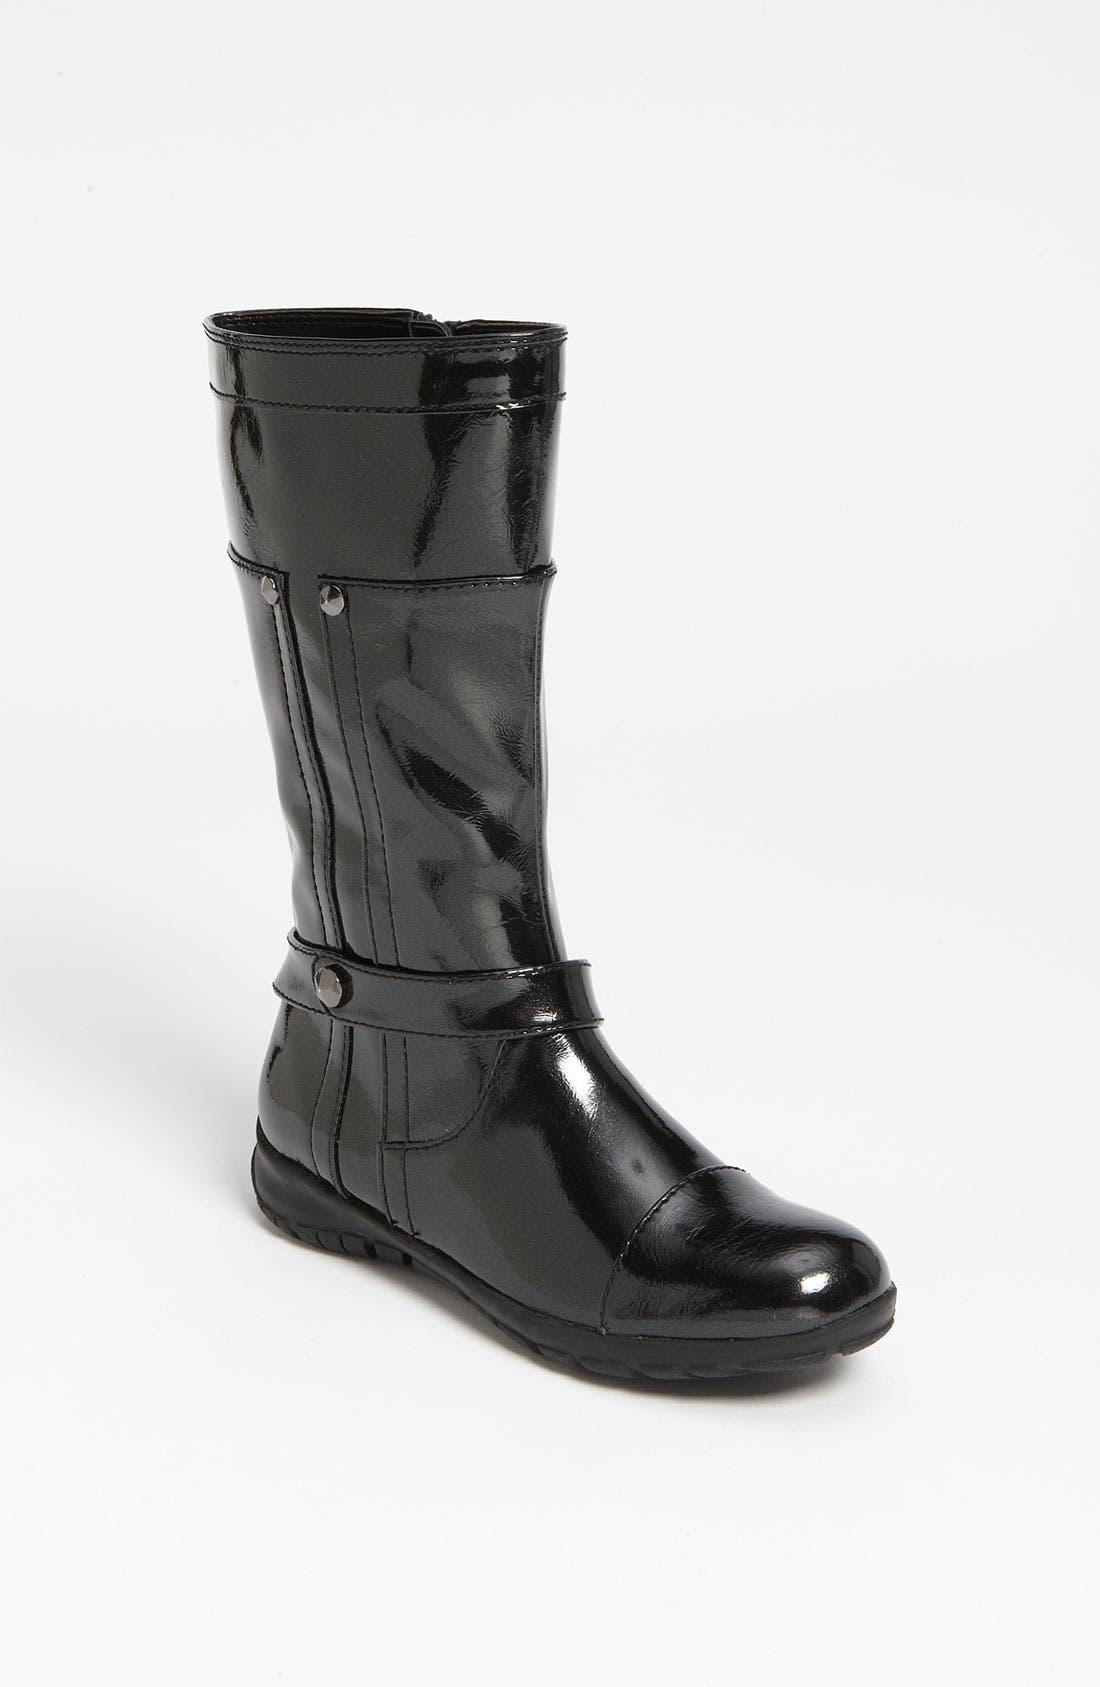 Alternate Image 1 Selected - Nordstrom 'Regan' Fashion Boot (Walker, Toddler, Little Kid & Big Kid)